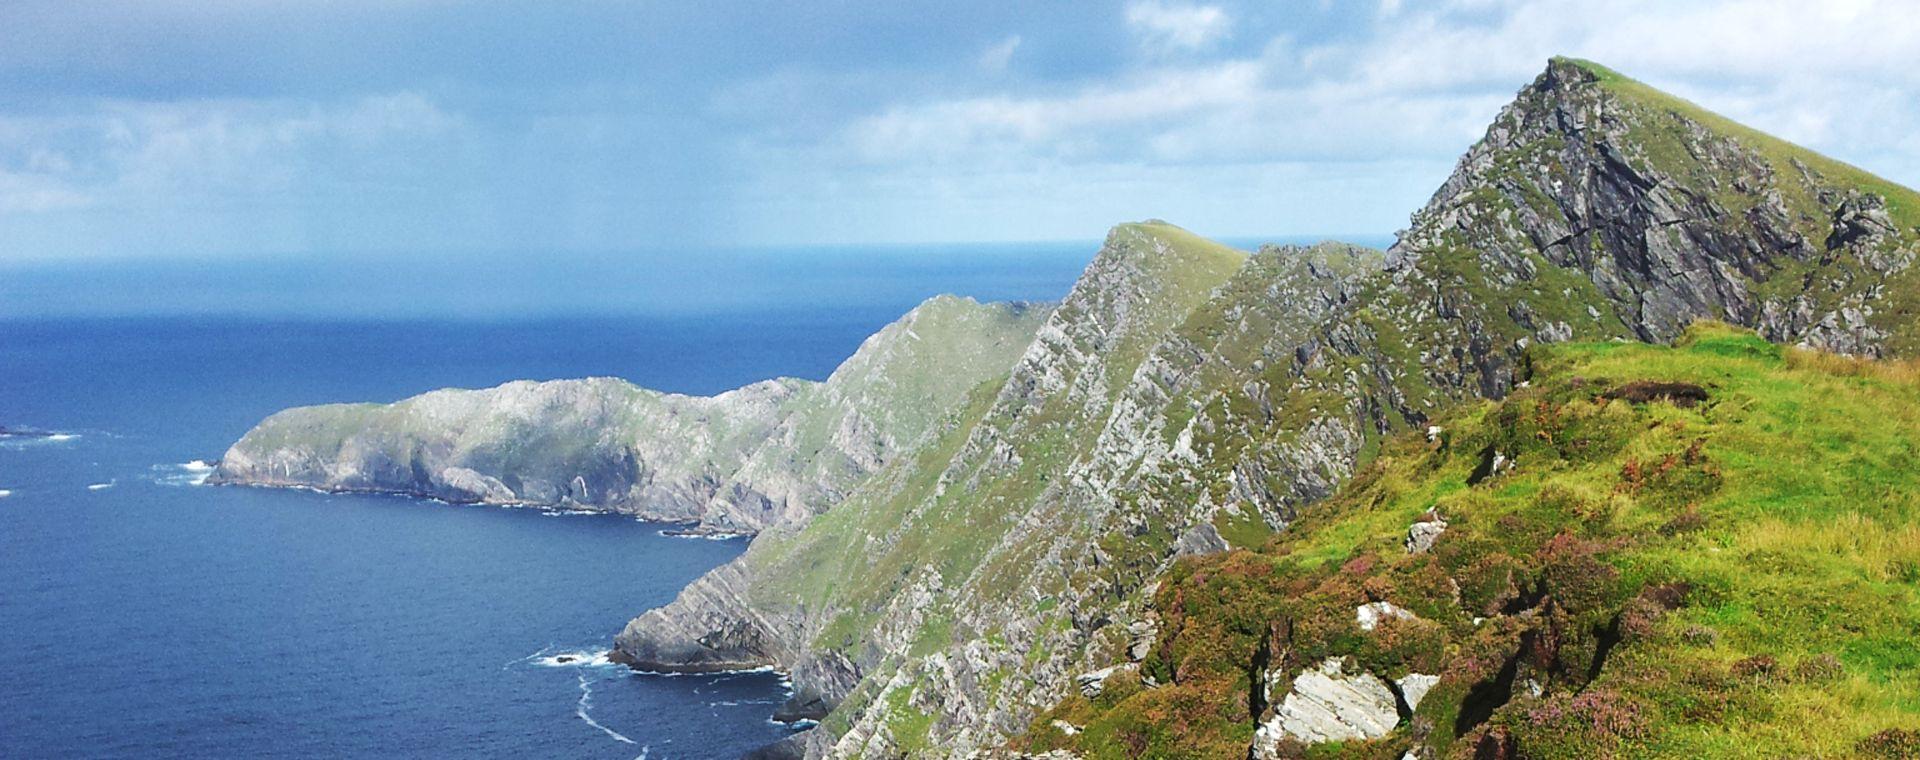 Image Irlande : les montagnes du Connemara à vélo